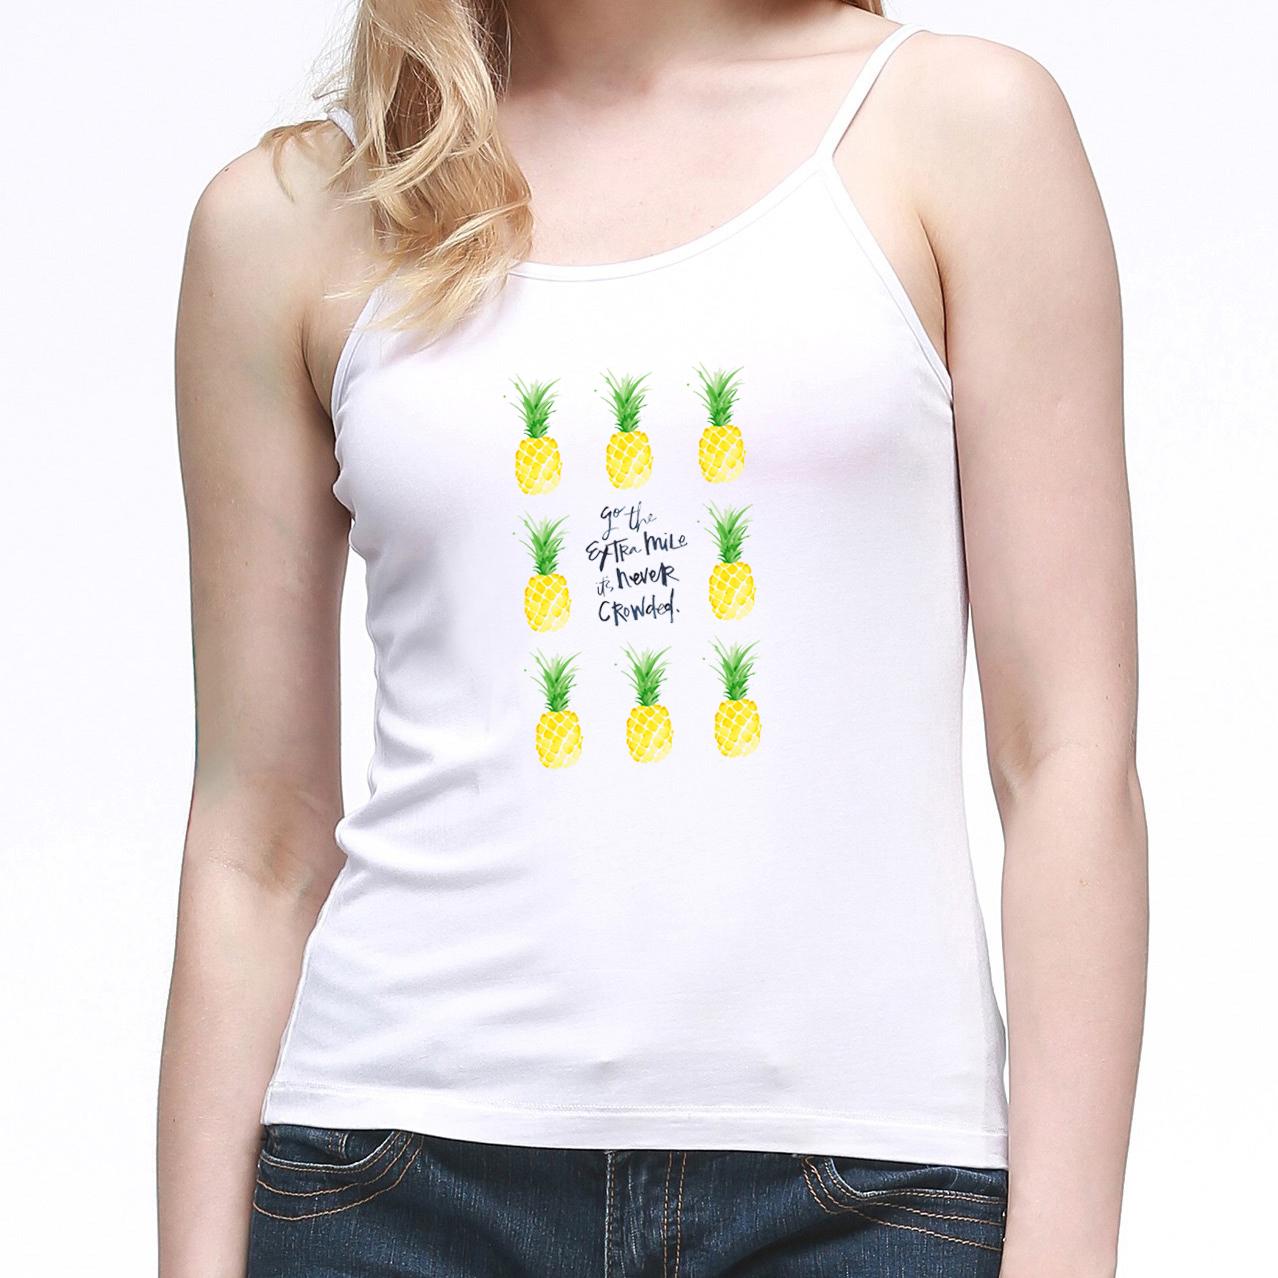 [해외]여성용 캐미솔 민Retail 조끼 파인애플 WiFi Extra Mile It 's Never Crowded 파인애플 거리 Printed Halter Tops Camis/Women Camisole Sleeveless Vest Pineapple WiFi Go